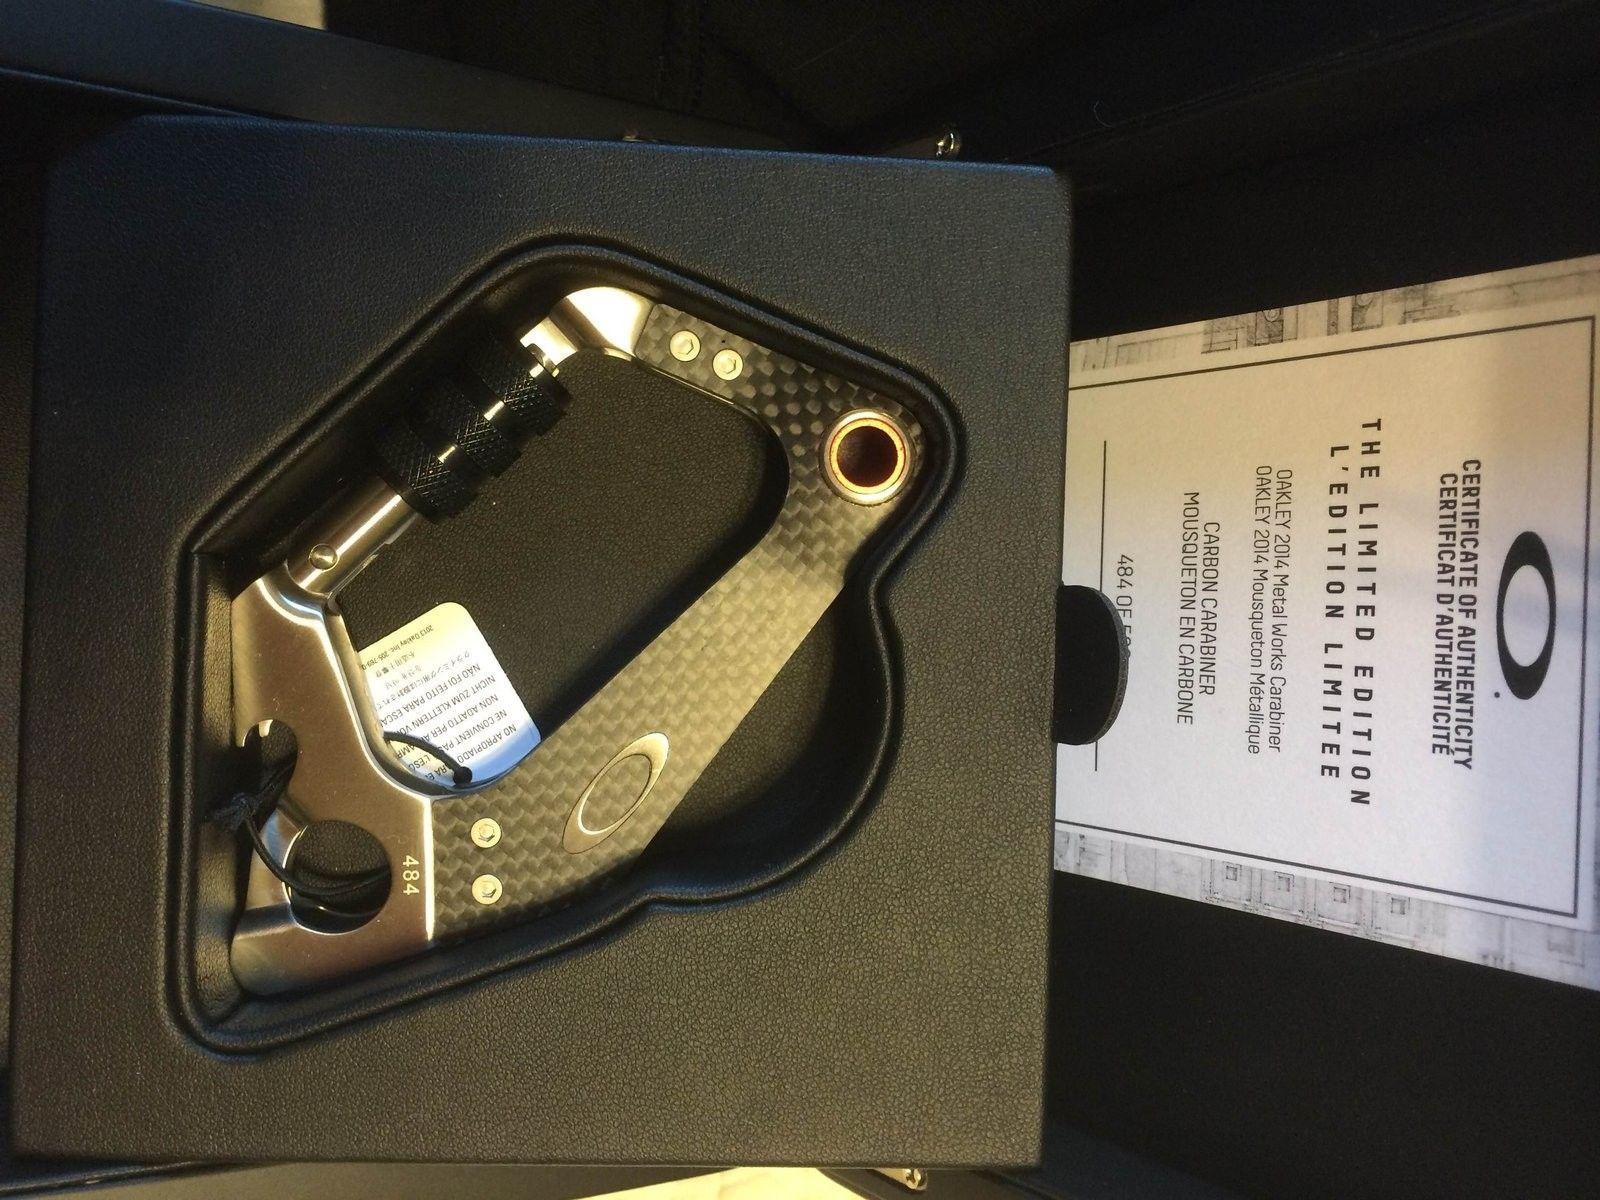 Carbon Carabiner Serial #484 - img_1410-jpg.172812.jpg